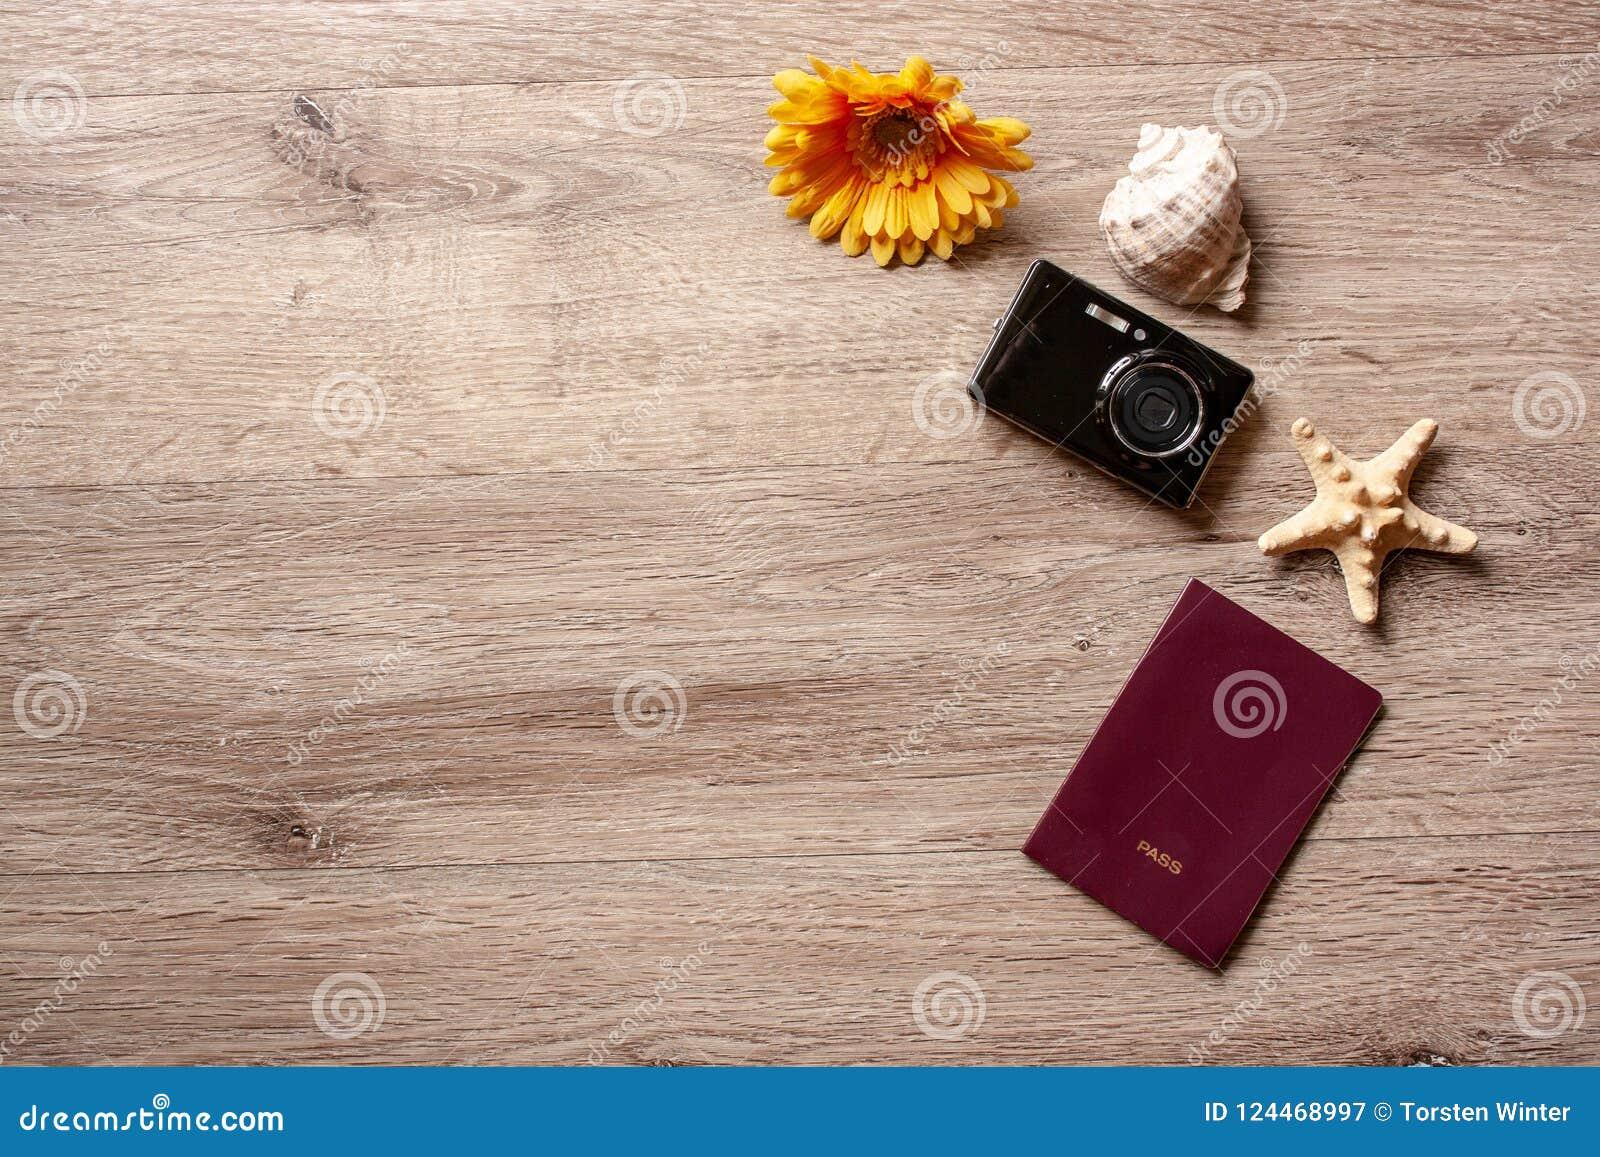 Flatlay ferie/travel tema med brun bakgrund med kameran, passet, skalet, sjöstjärnan och blommor